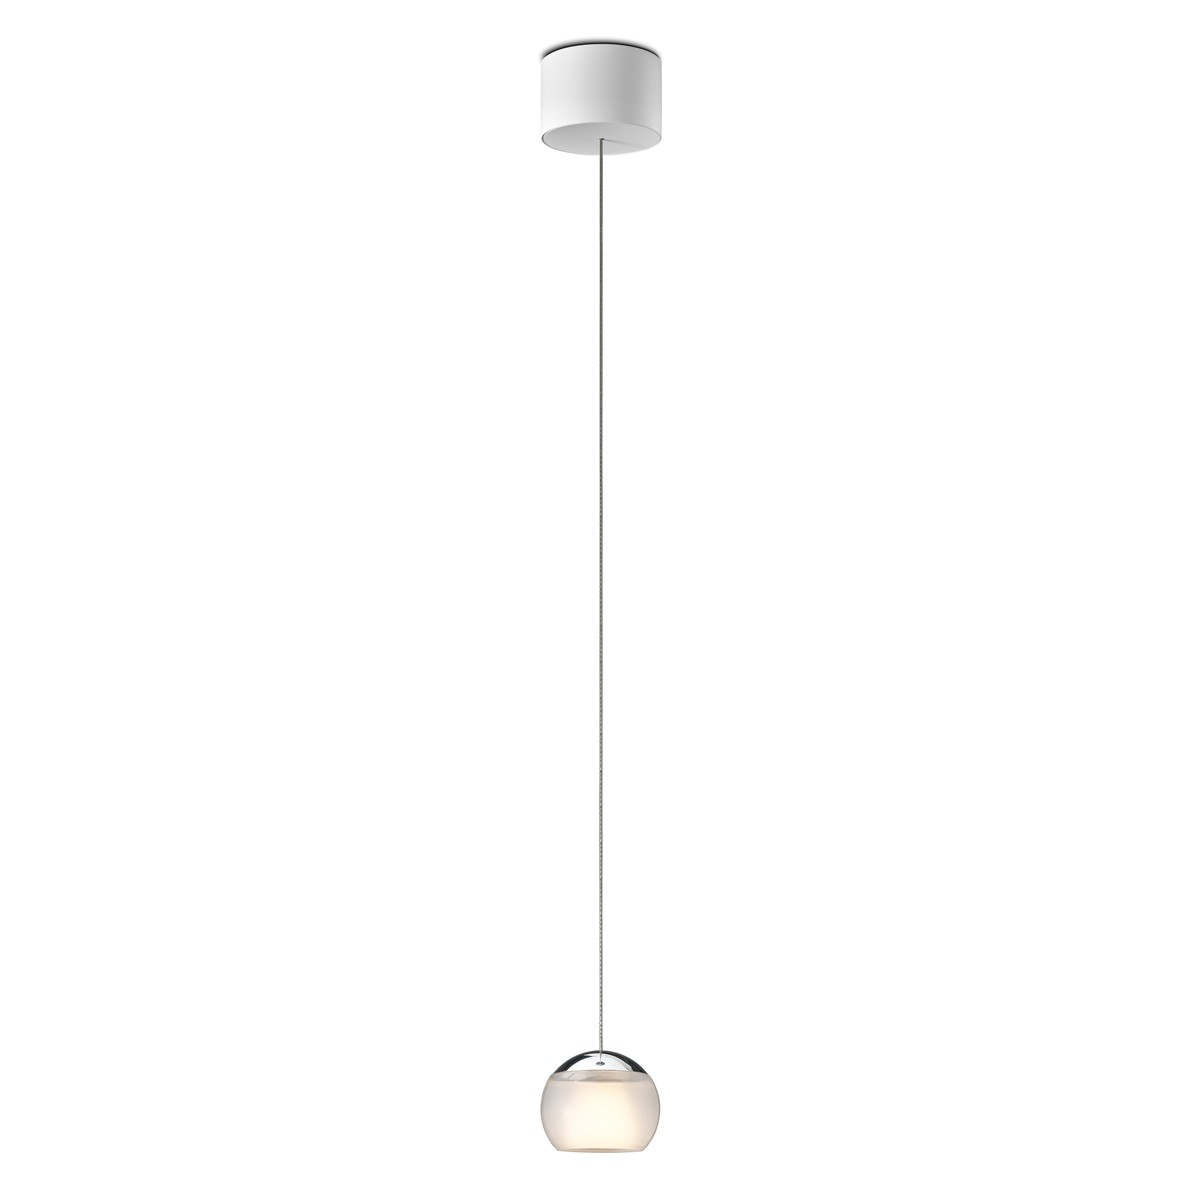 Oligo Balino LED Pendelleuchte, unsichtbare Höhenverstellung, Chrom / satiniert